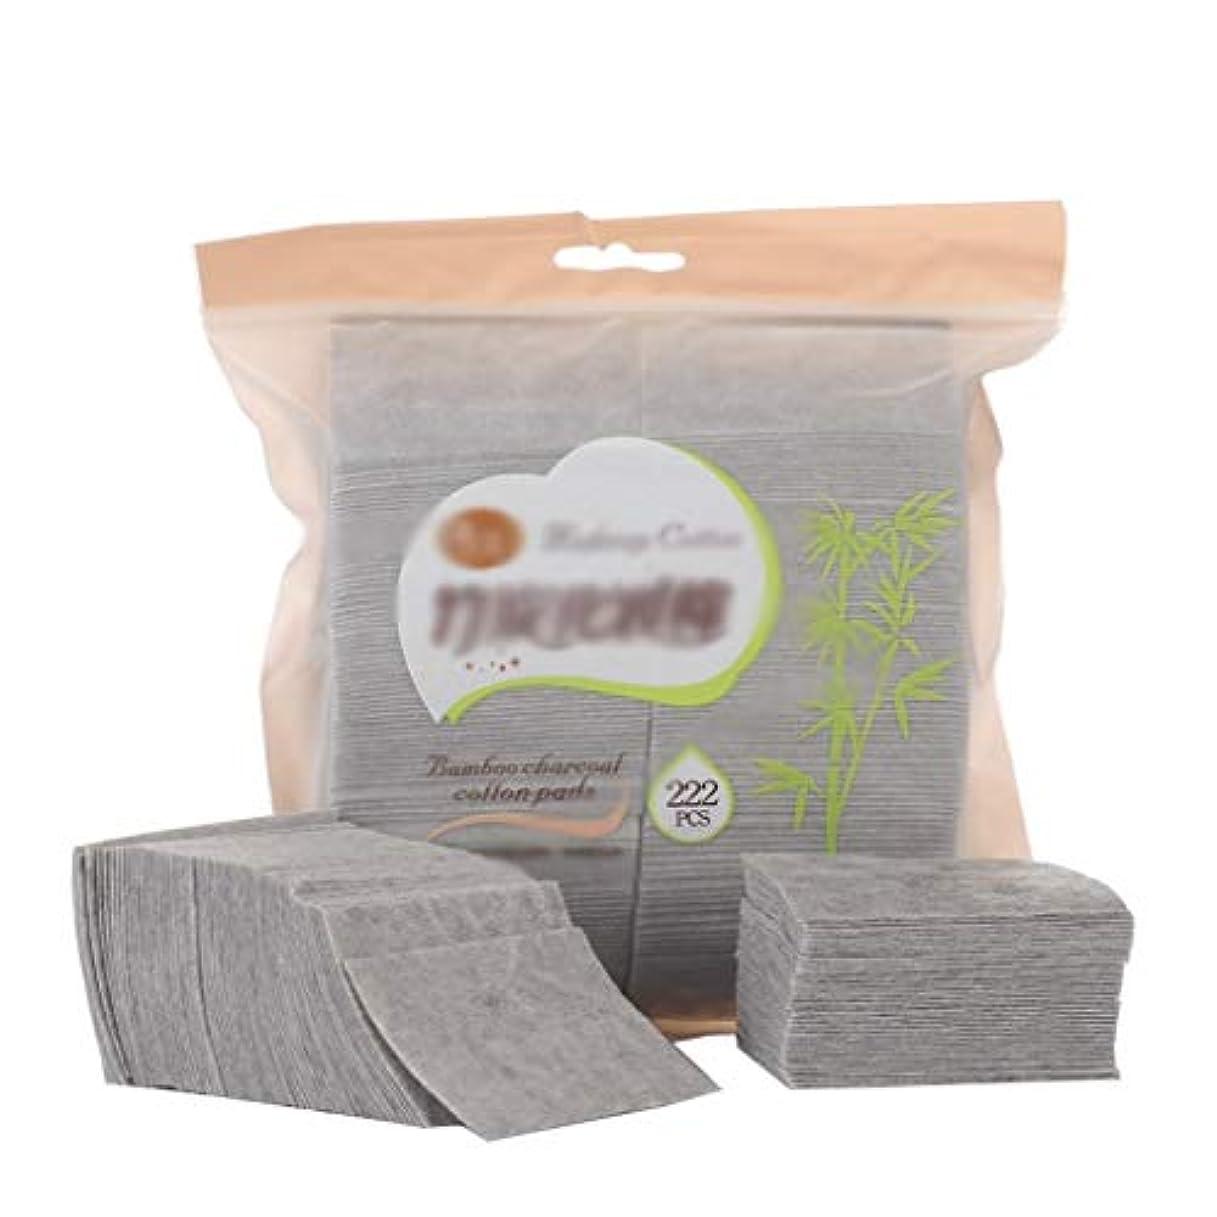 ディレイマイク普遍的なクレンジングシート 222ピース箱入り竹炭化粧コットンパッド両面使い捨て洗顔コットンポータブルメイクアップコットンピース (Color : Gray, サイズ : 5*7cm)